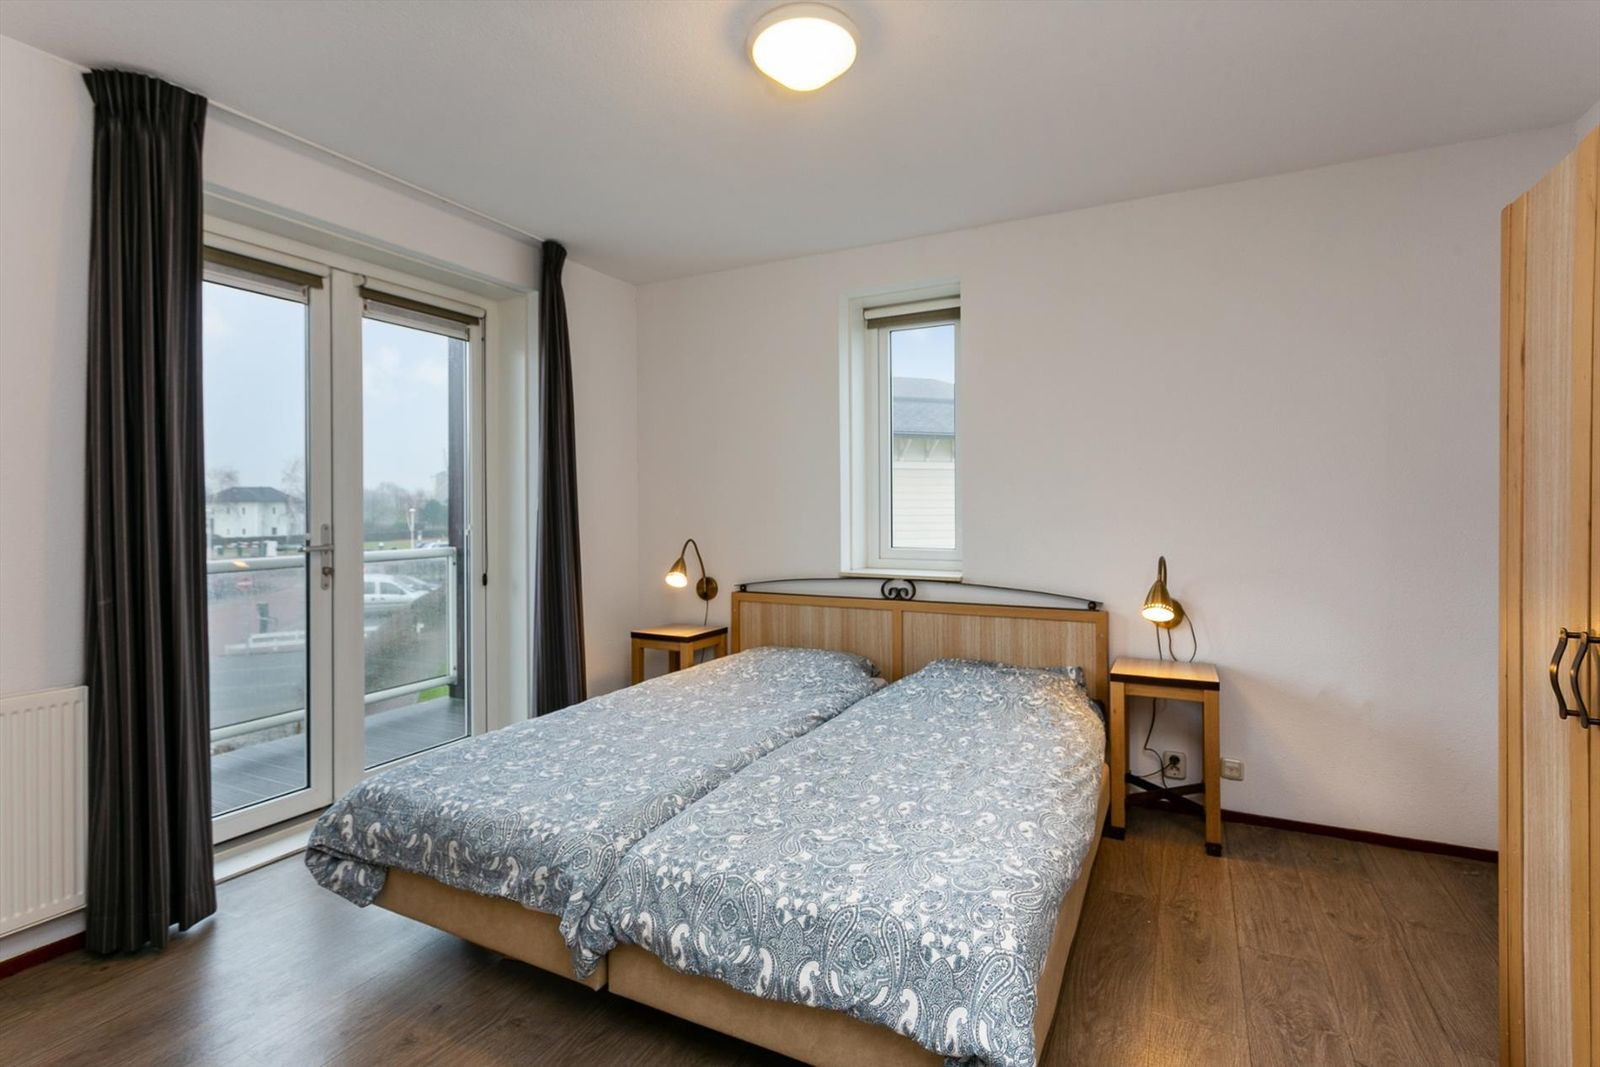 Vakantiehuis te koop in Zuid-Holland in Hellevoetsluis (13).jpg